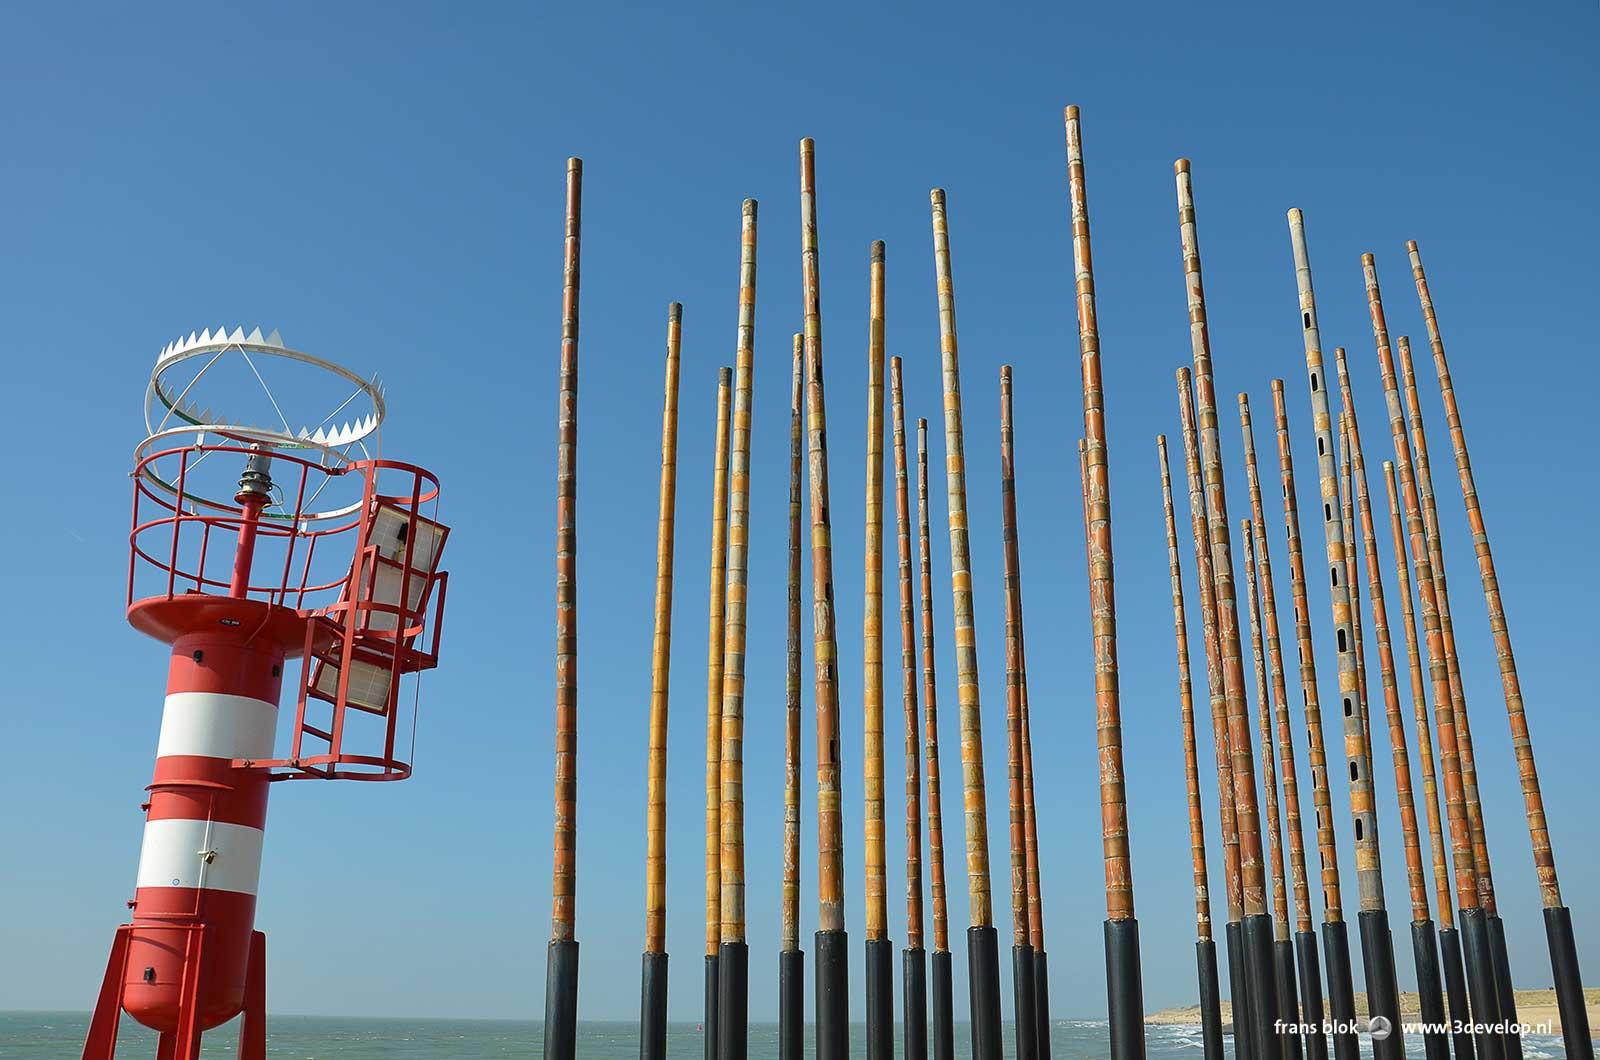 Windorgel tegen een blauwe lucht in Vlissingen